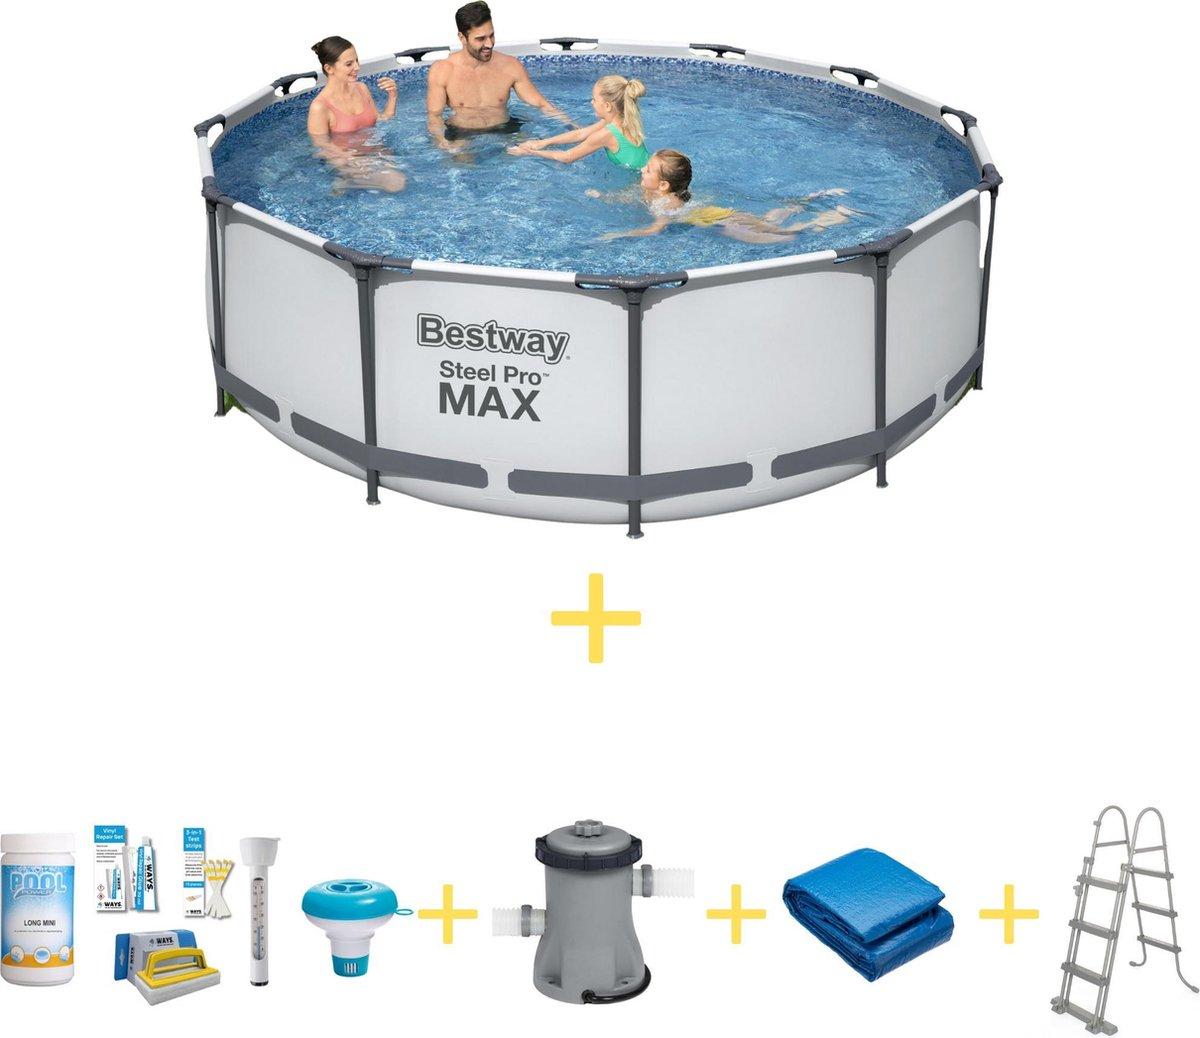 Bestway Zwembad - Steel Pro MAX - 366 x 76 cm - Inclusief WAYS Onderhoudspakket, Filterpomp, Grondzeil & Safety Ladder